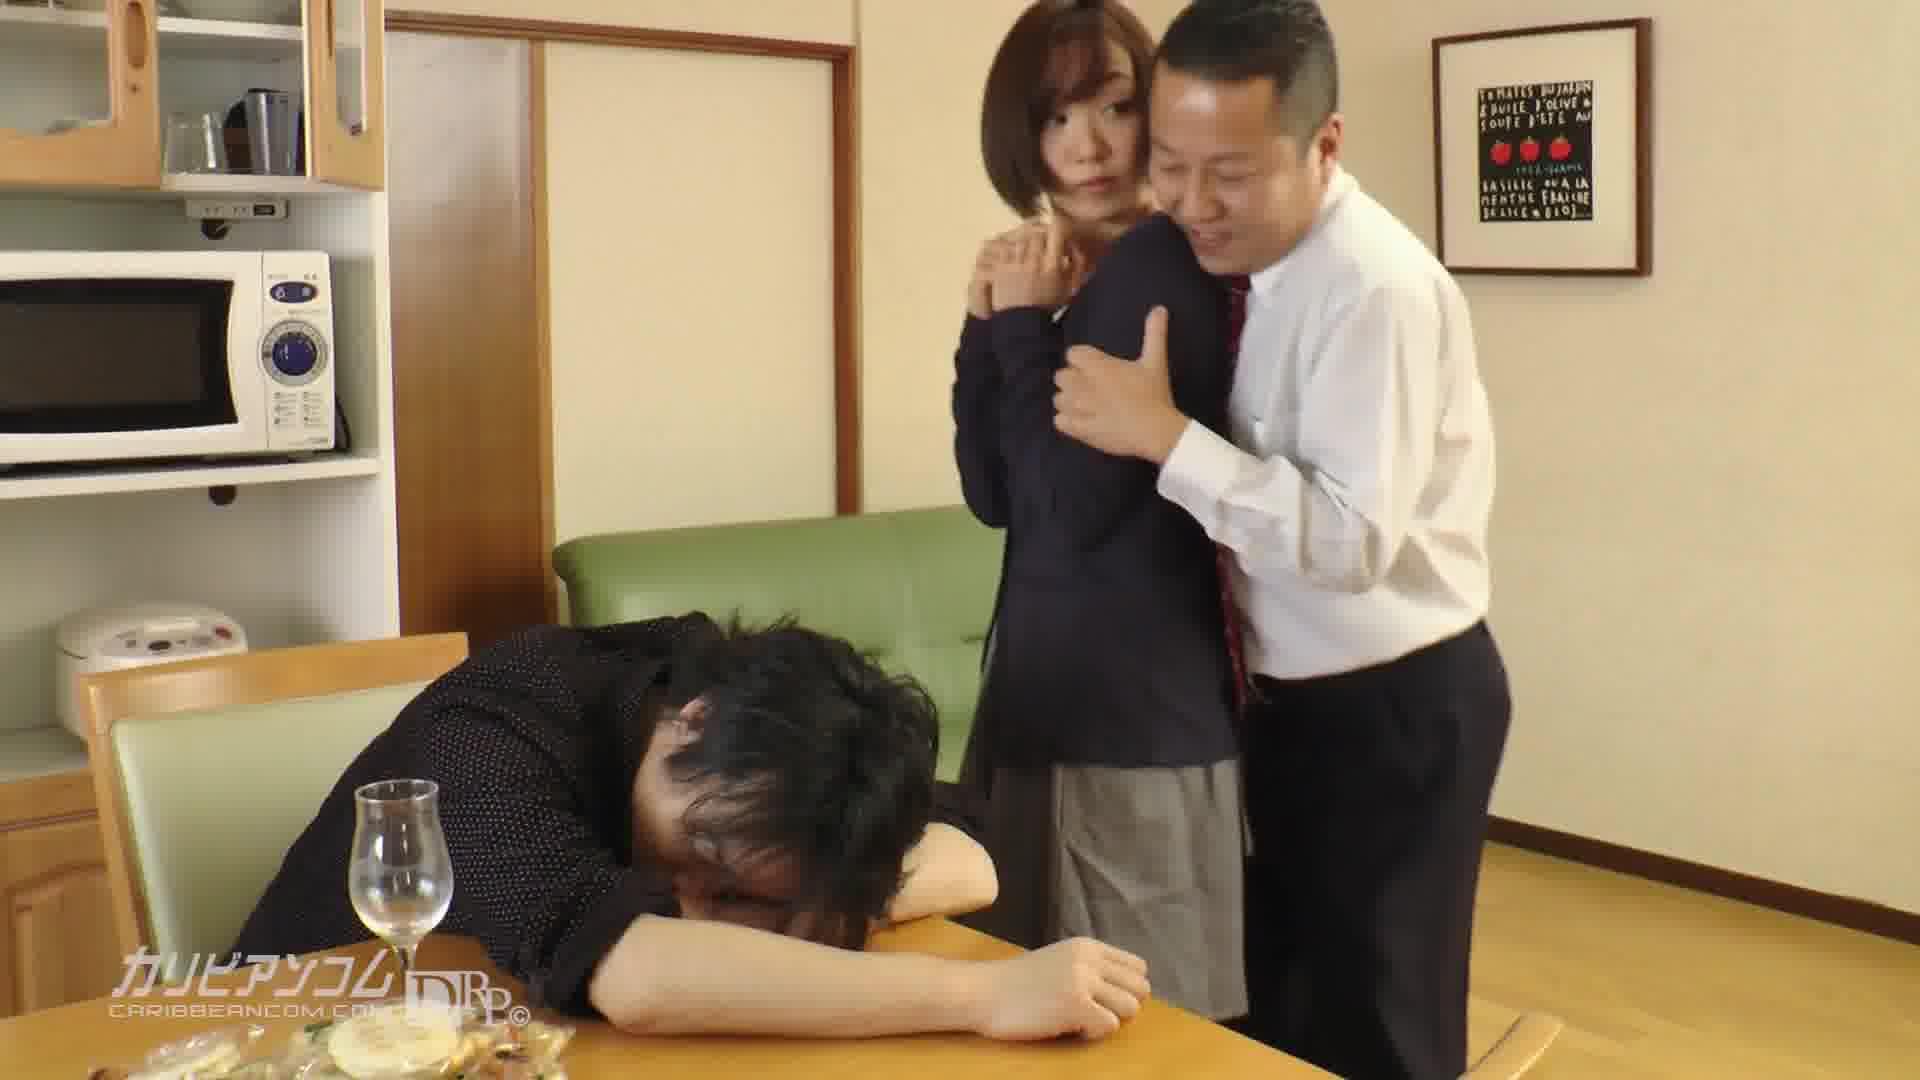 夫の目の前で妻が ~結婚祝いにきた上司の罠~ - 目々澤めぐ【スレンダー・人妻・中出し】